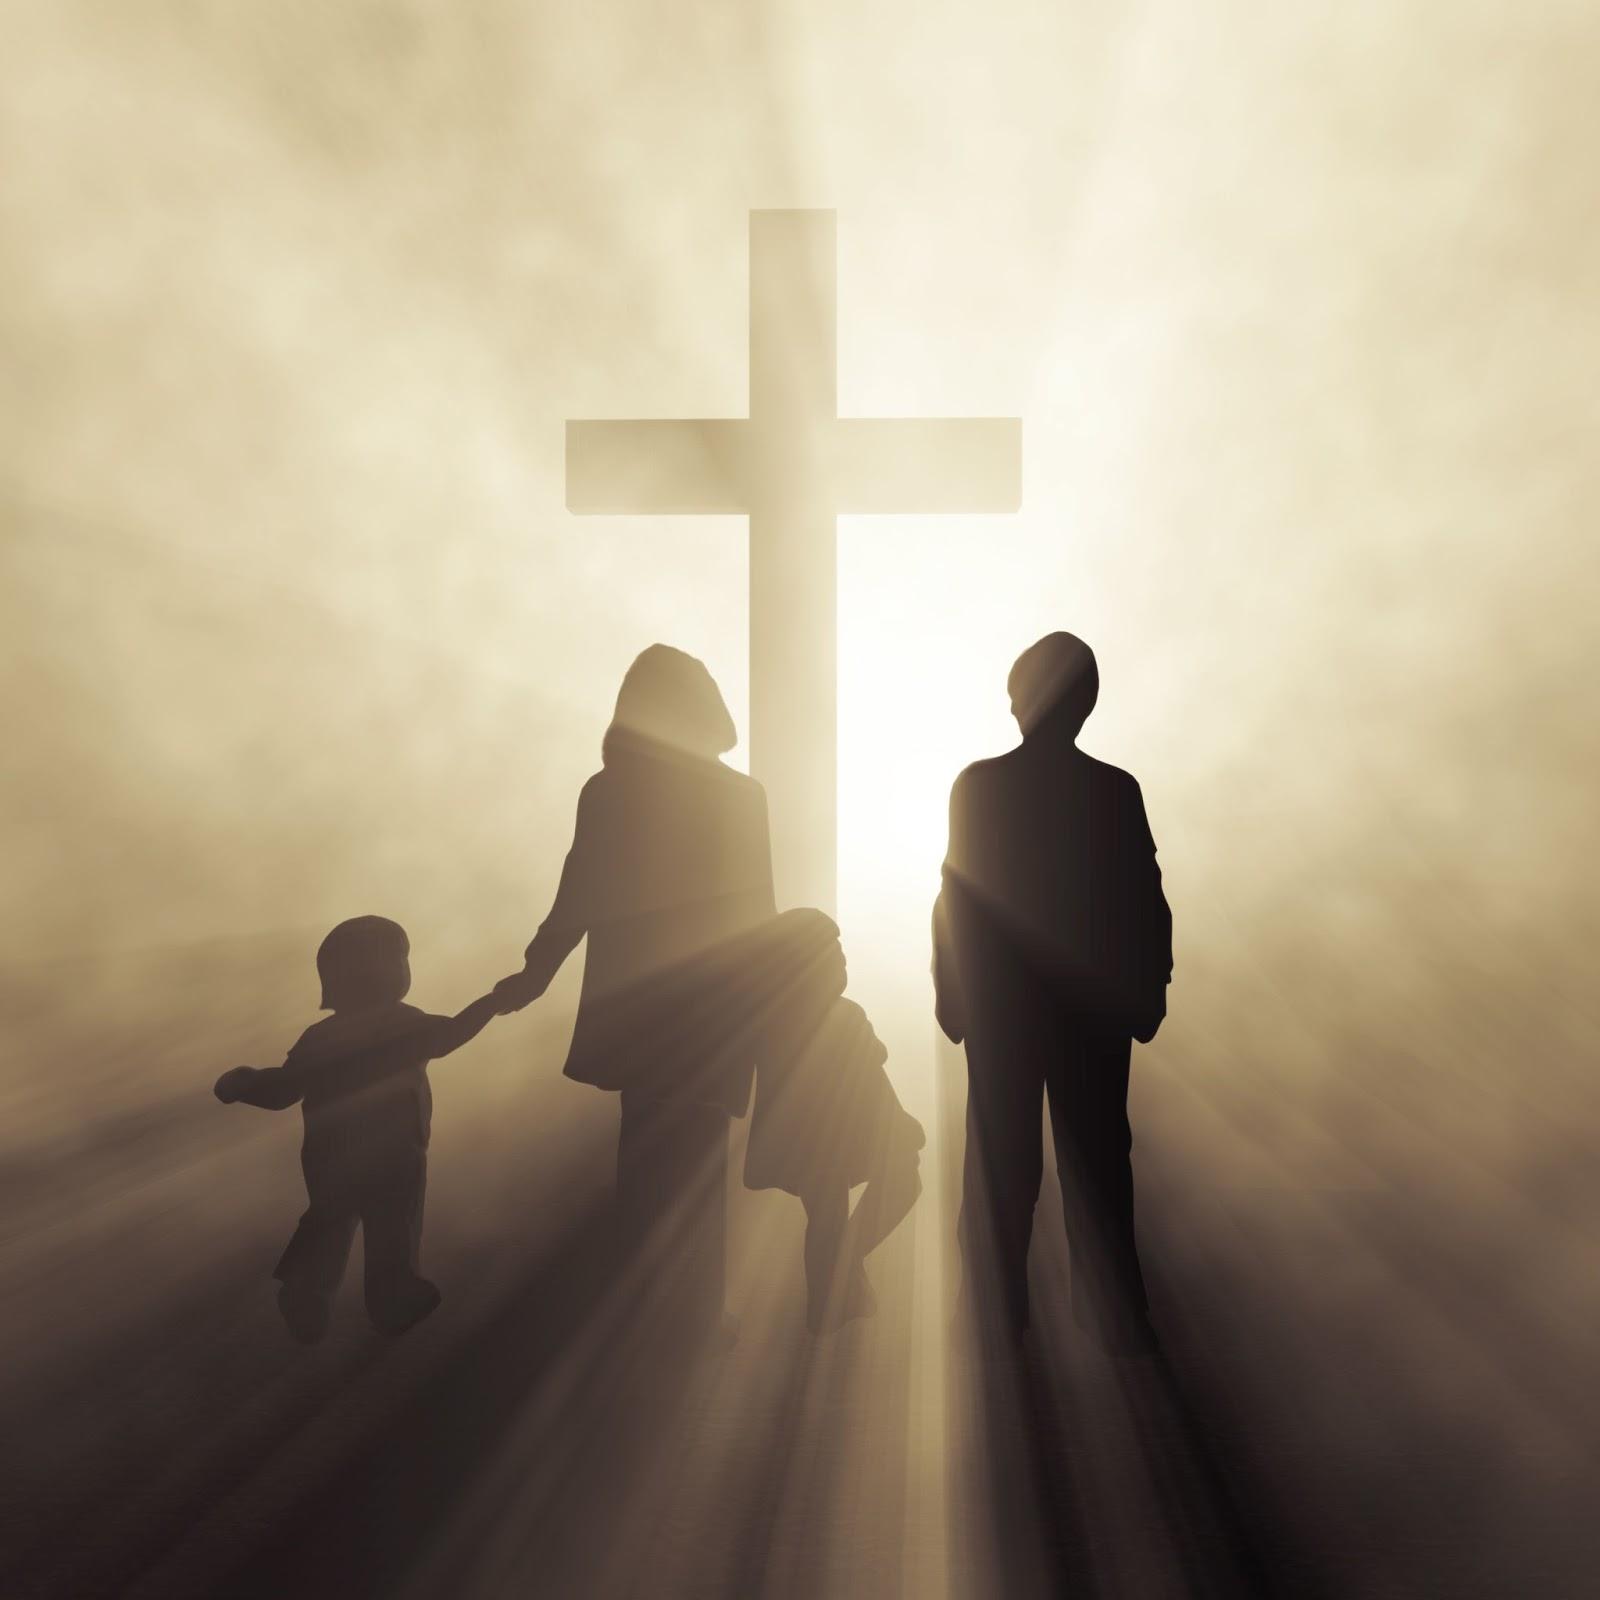 Diferenças entre religião e salvação